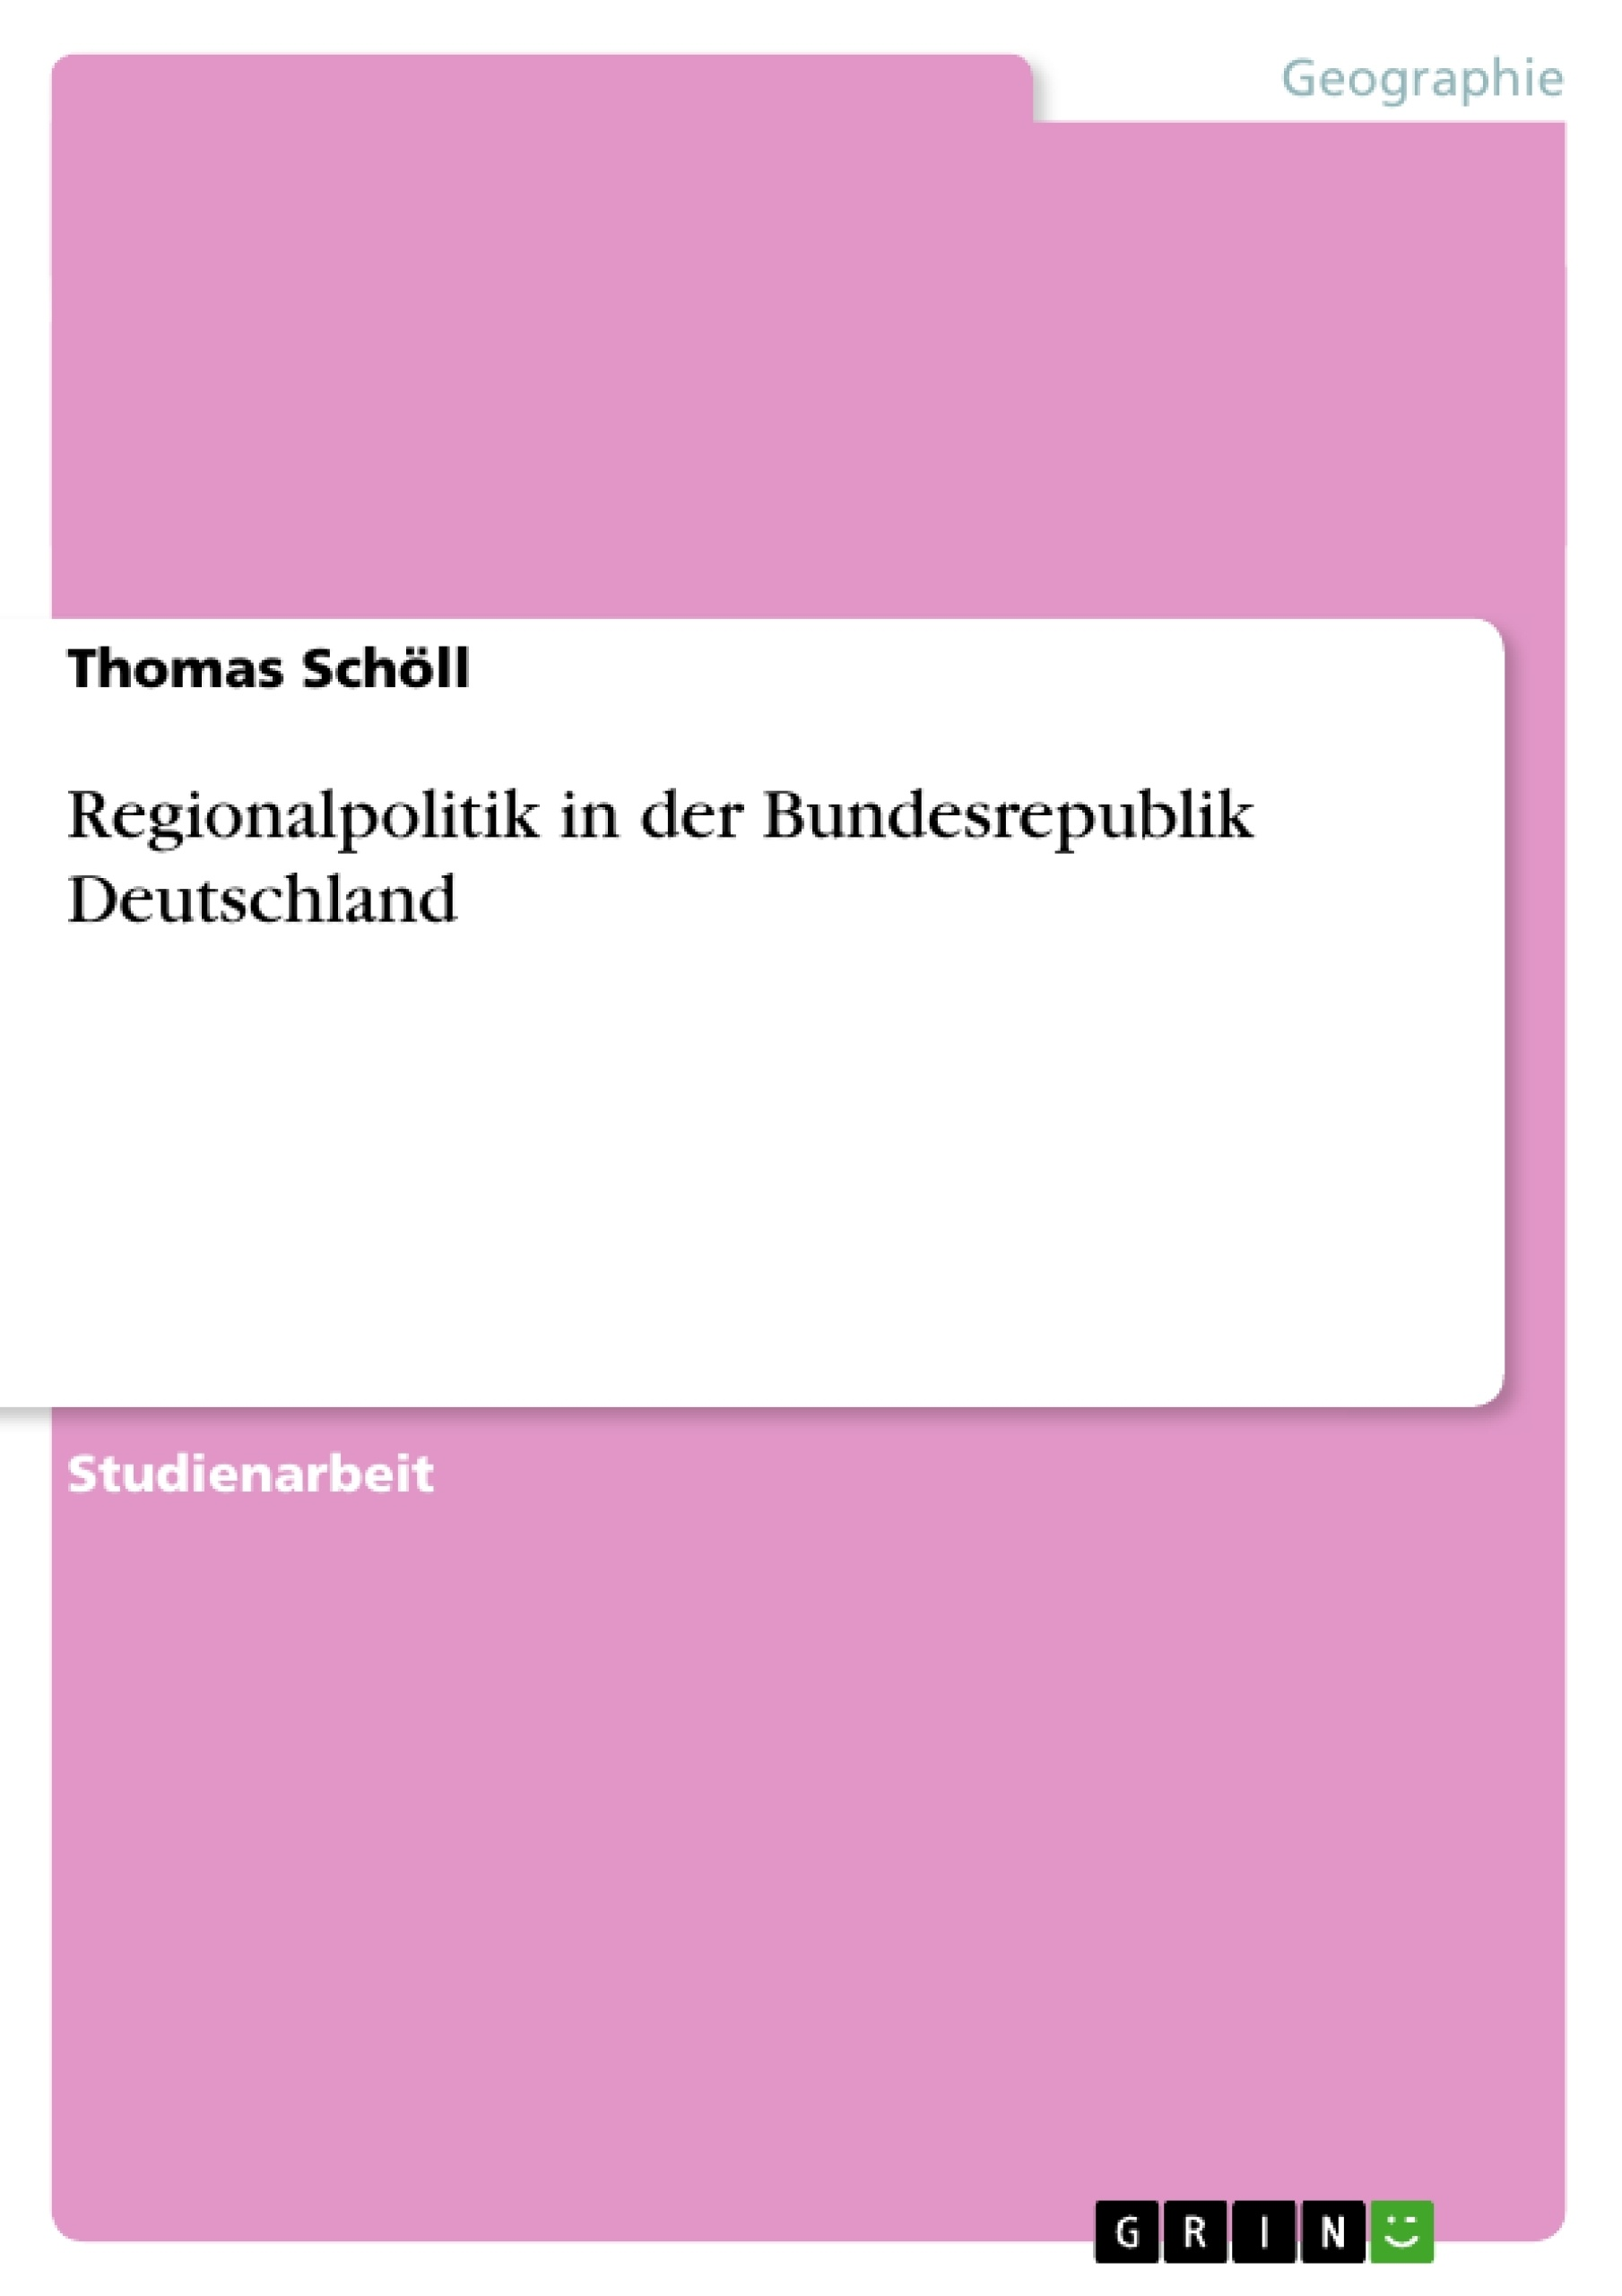 Titel: Regionalpolitik in der Bundesrepublik Deutschland